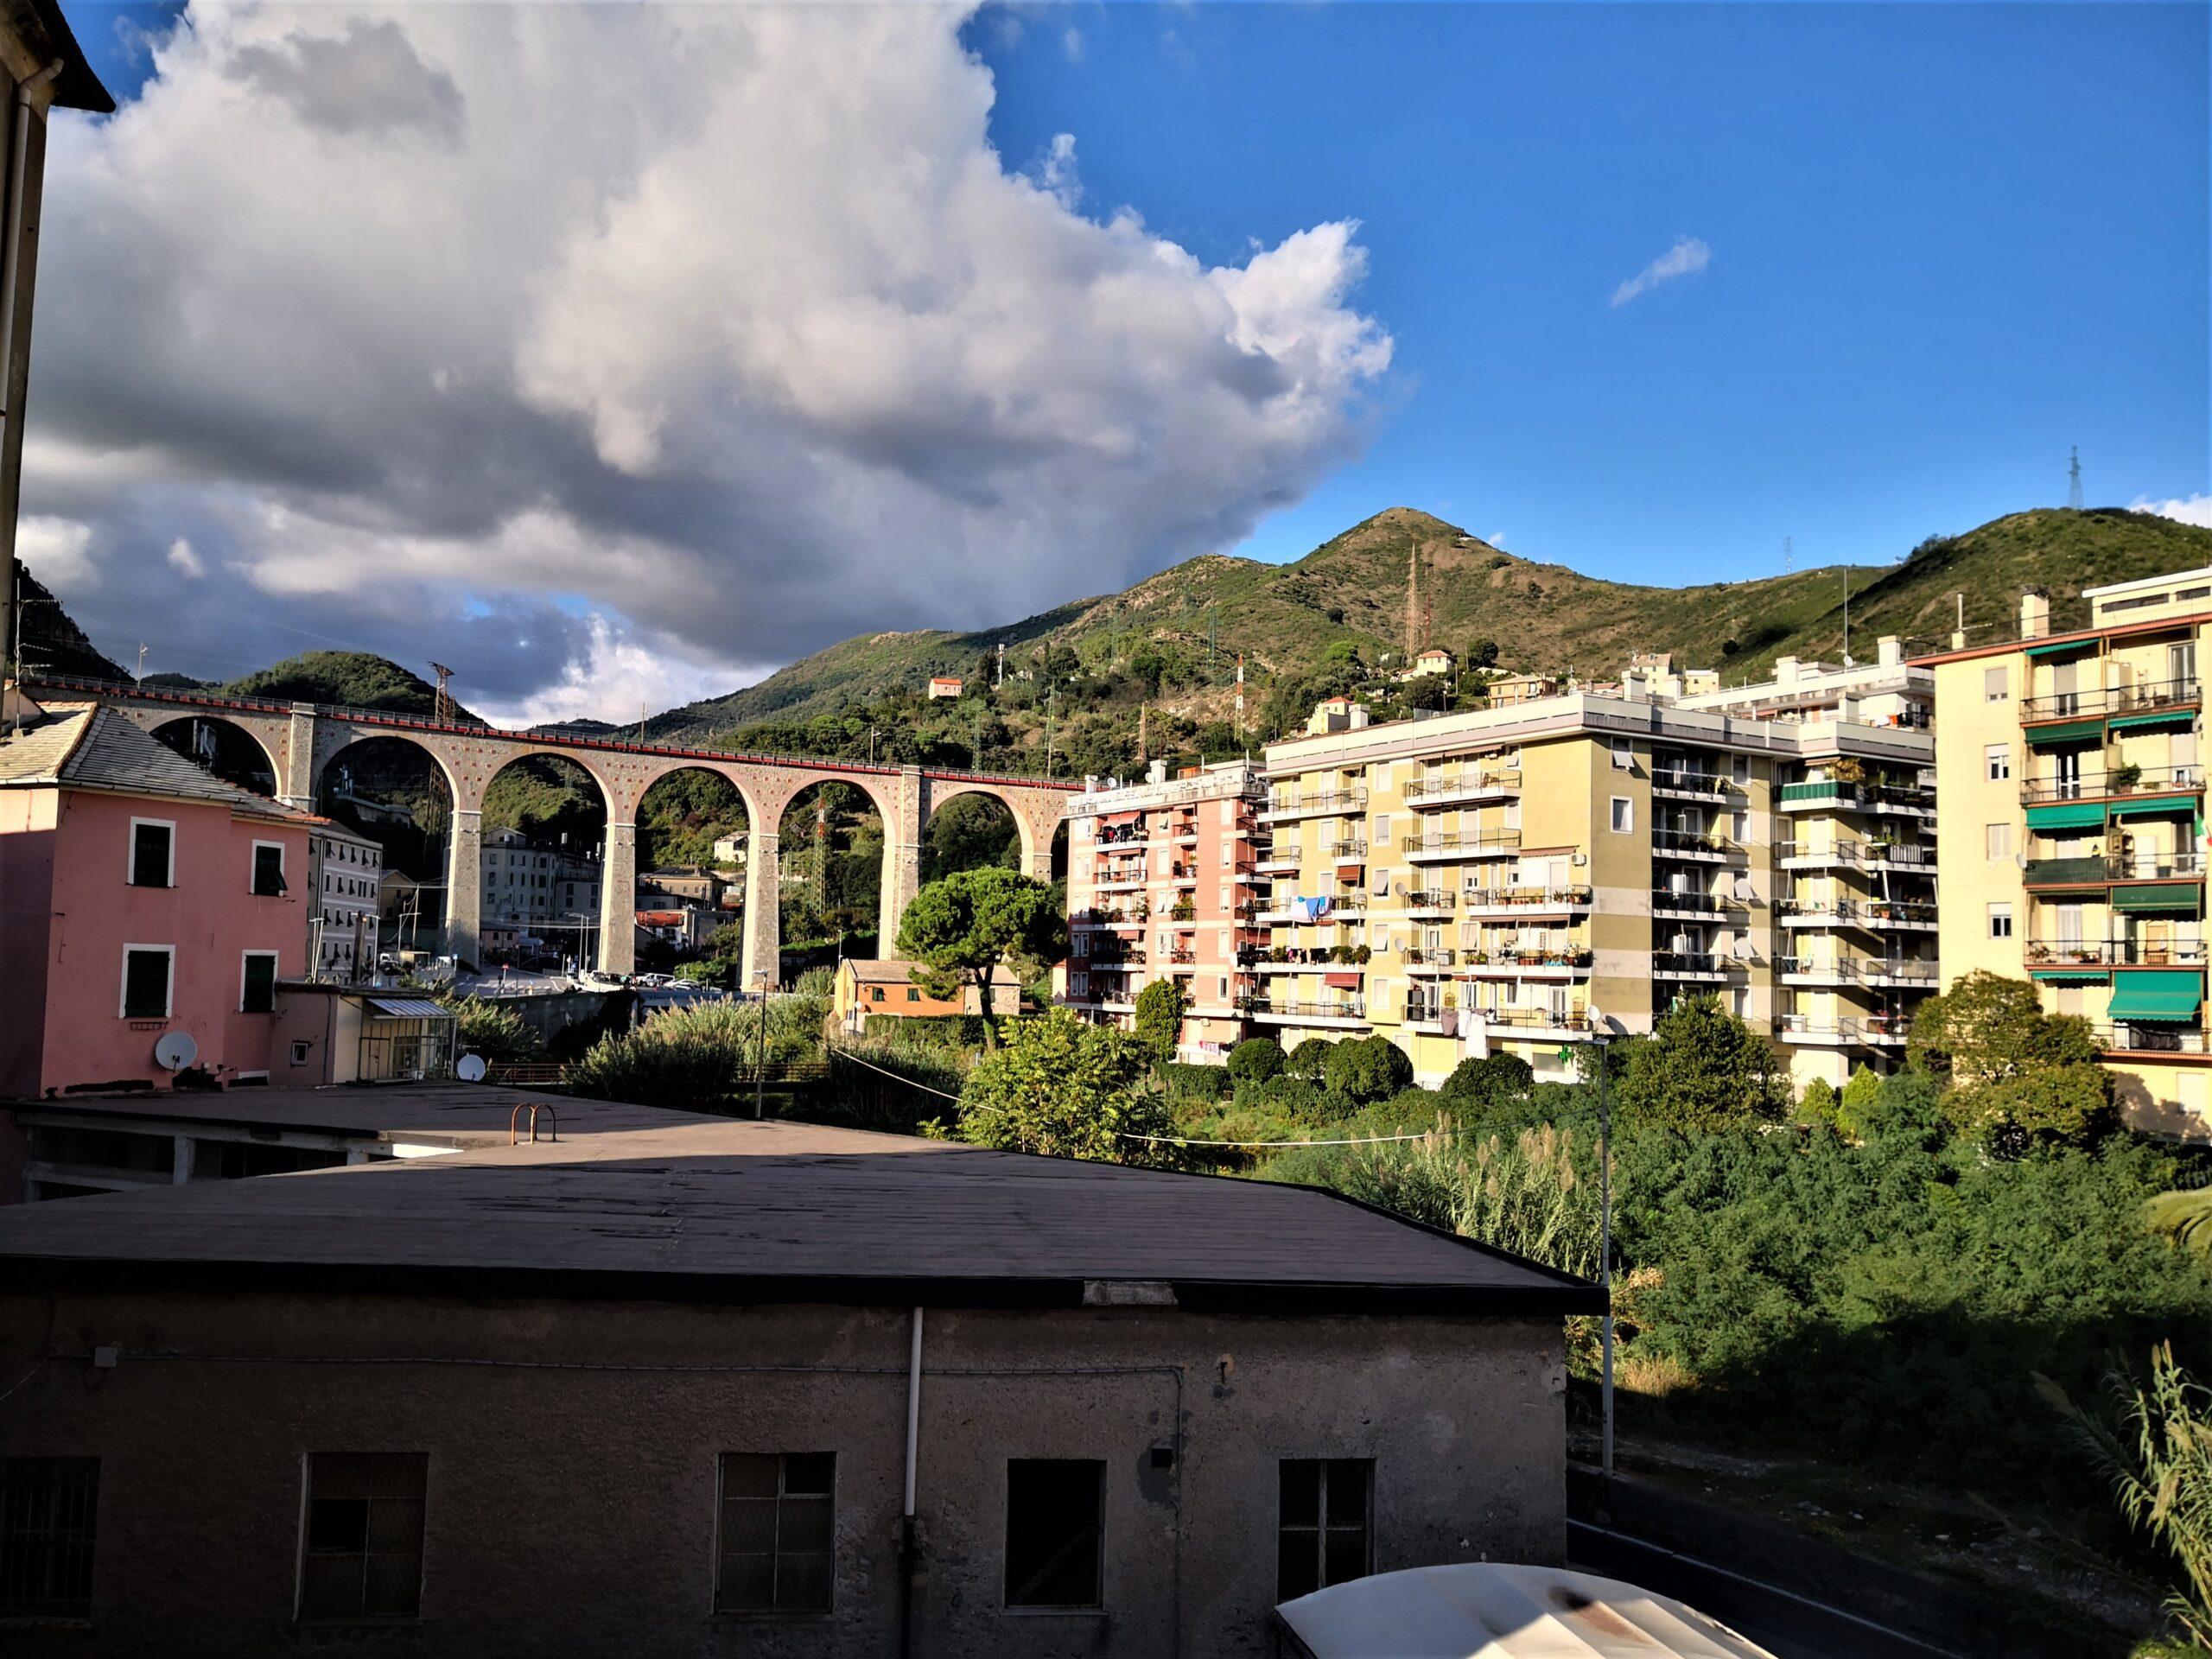 SESTRI PONENTE – Via Chiaravagna